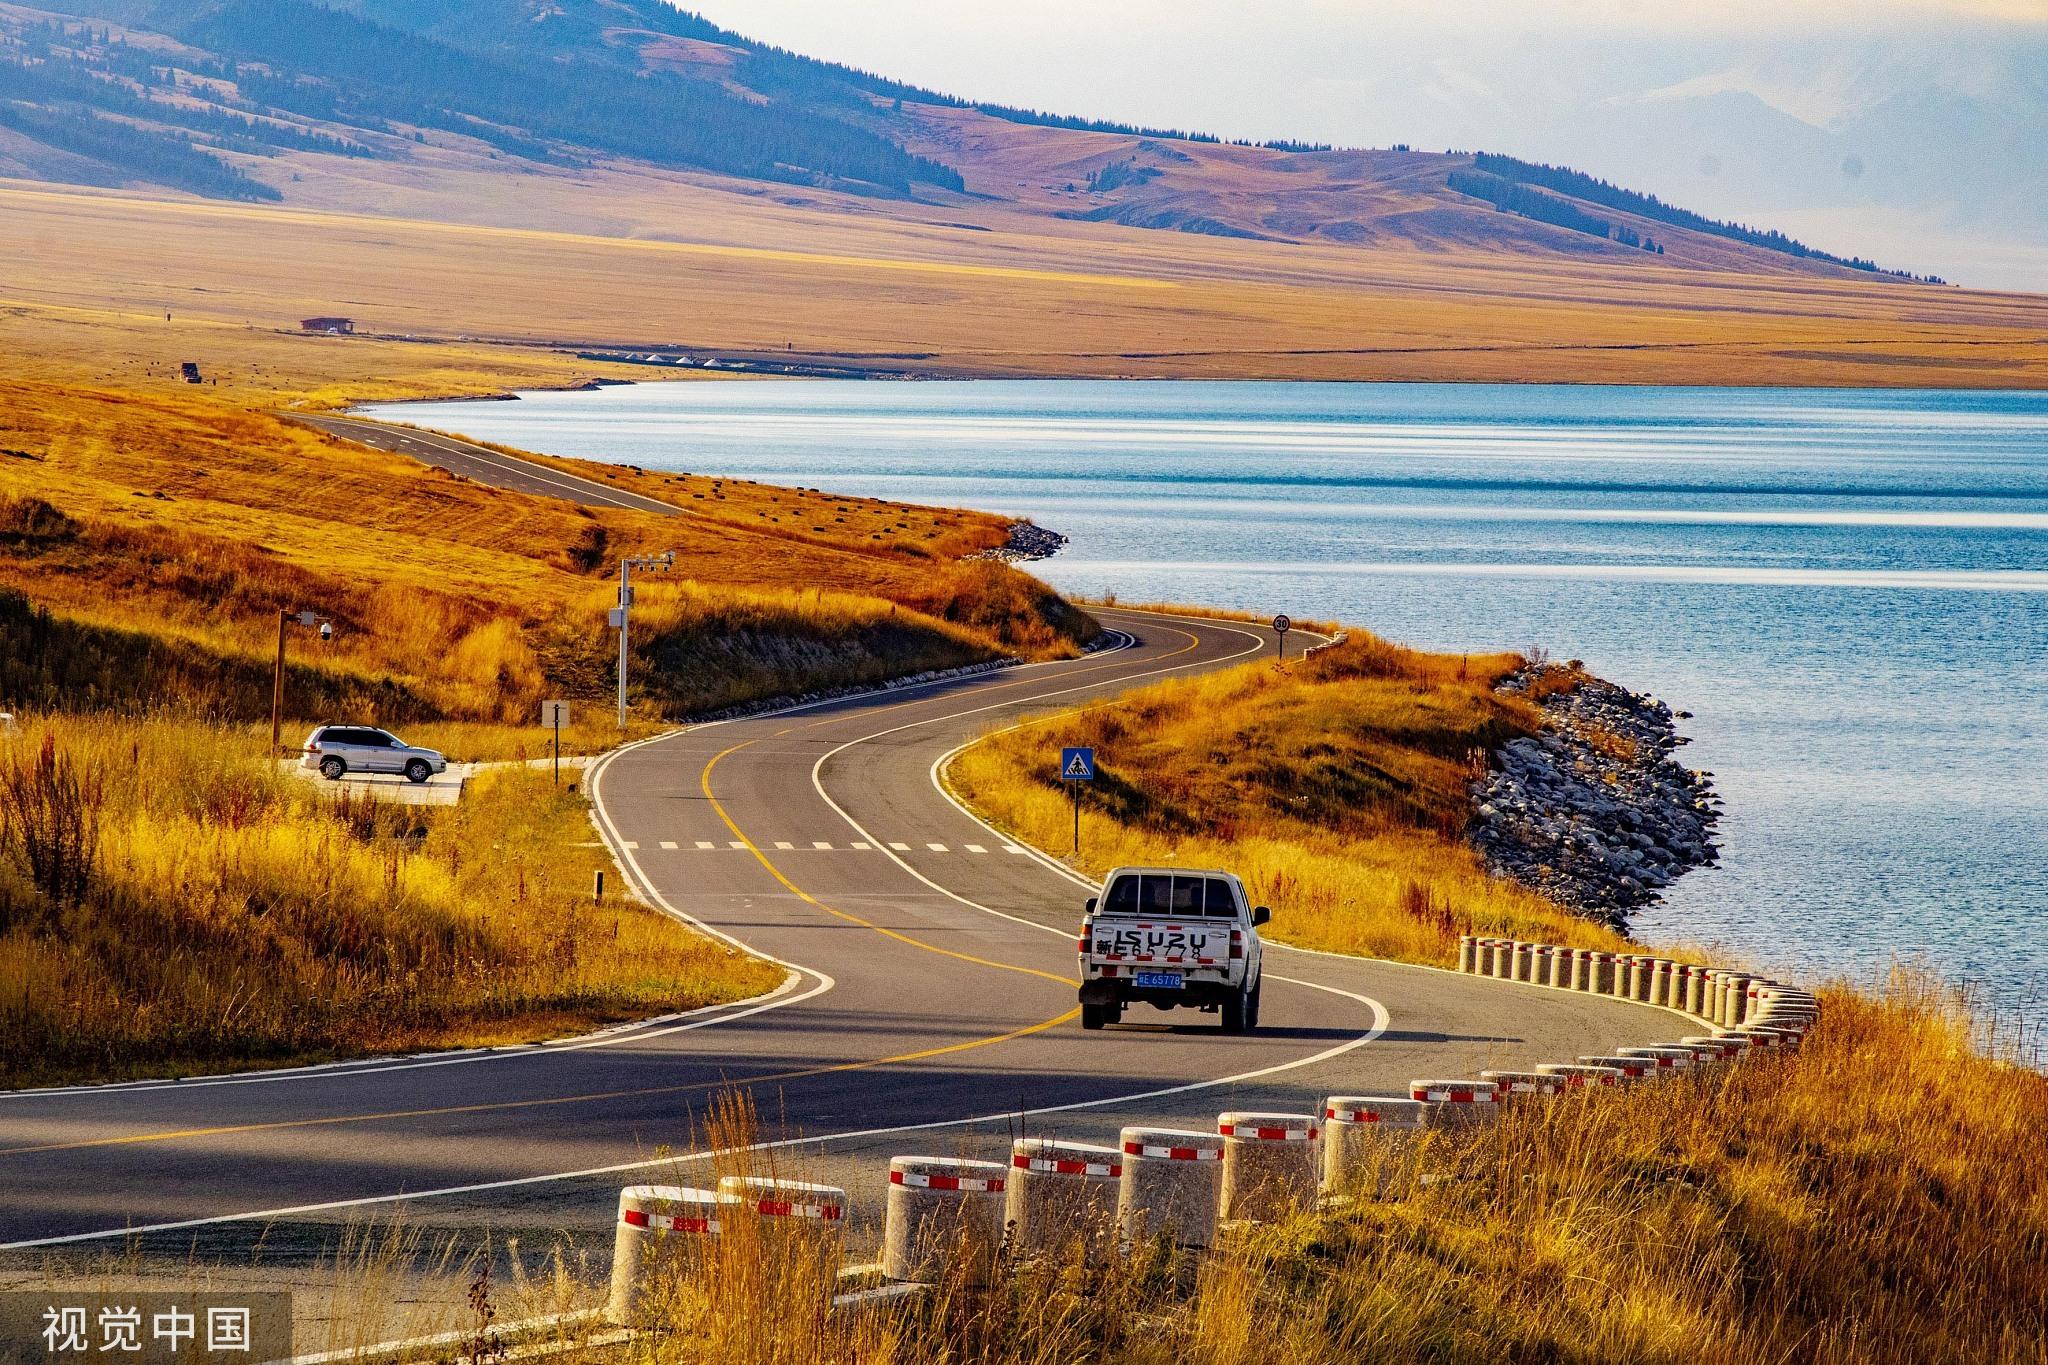 金秋九月的赛里木湖畔,泛黄的草地上点缀着毡房,山巅松林叠嶂、山下湖水湛蓝,湖面映衬出辽阔的天空。蔡增乐/视觉中国